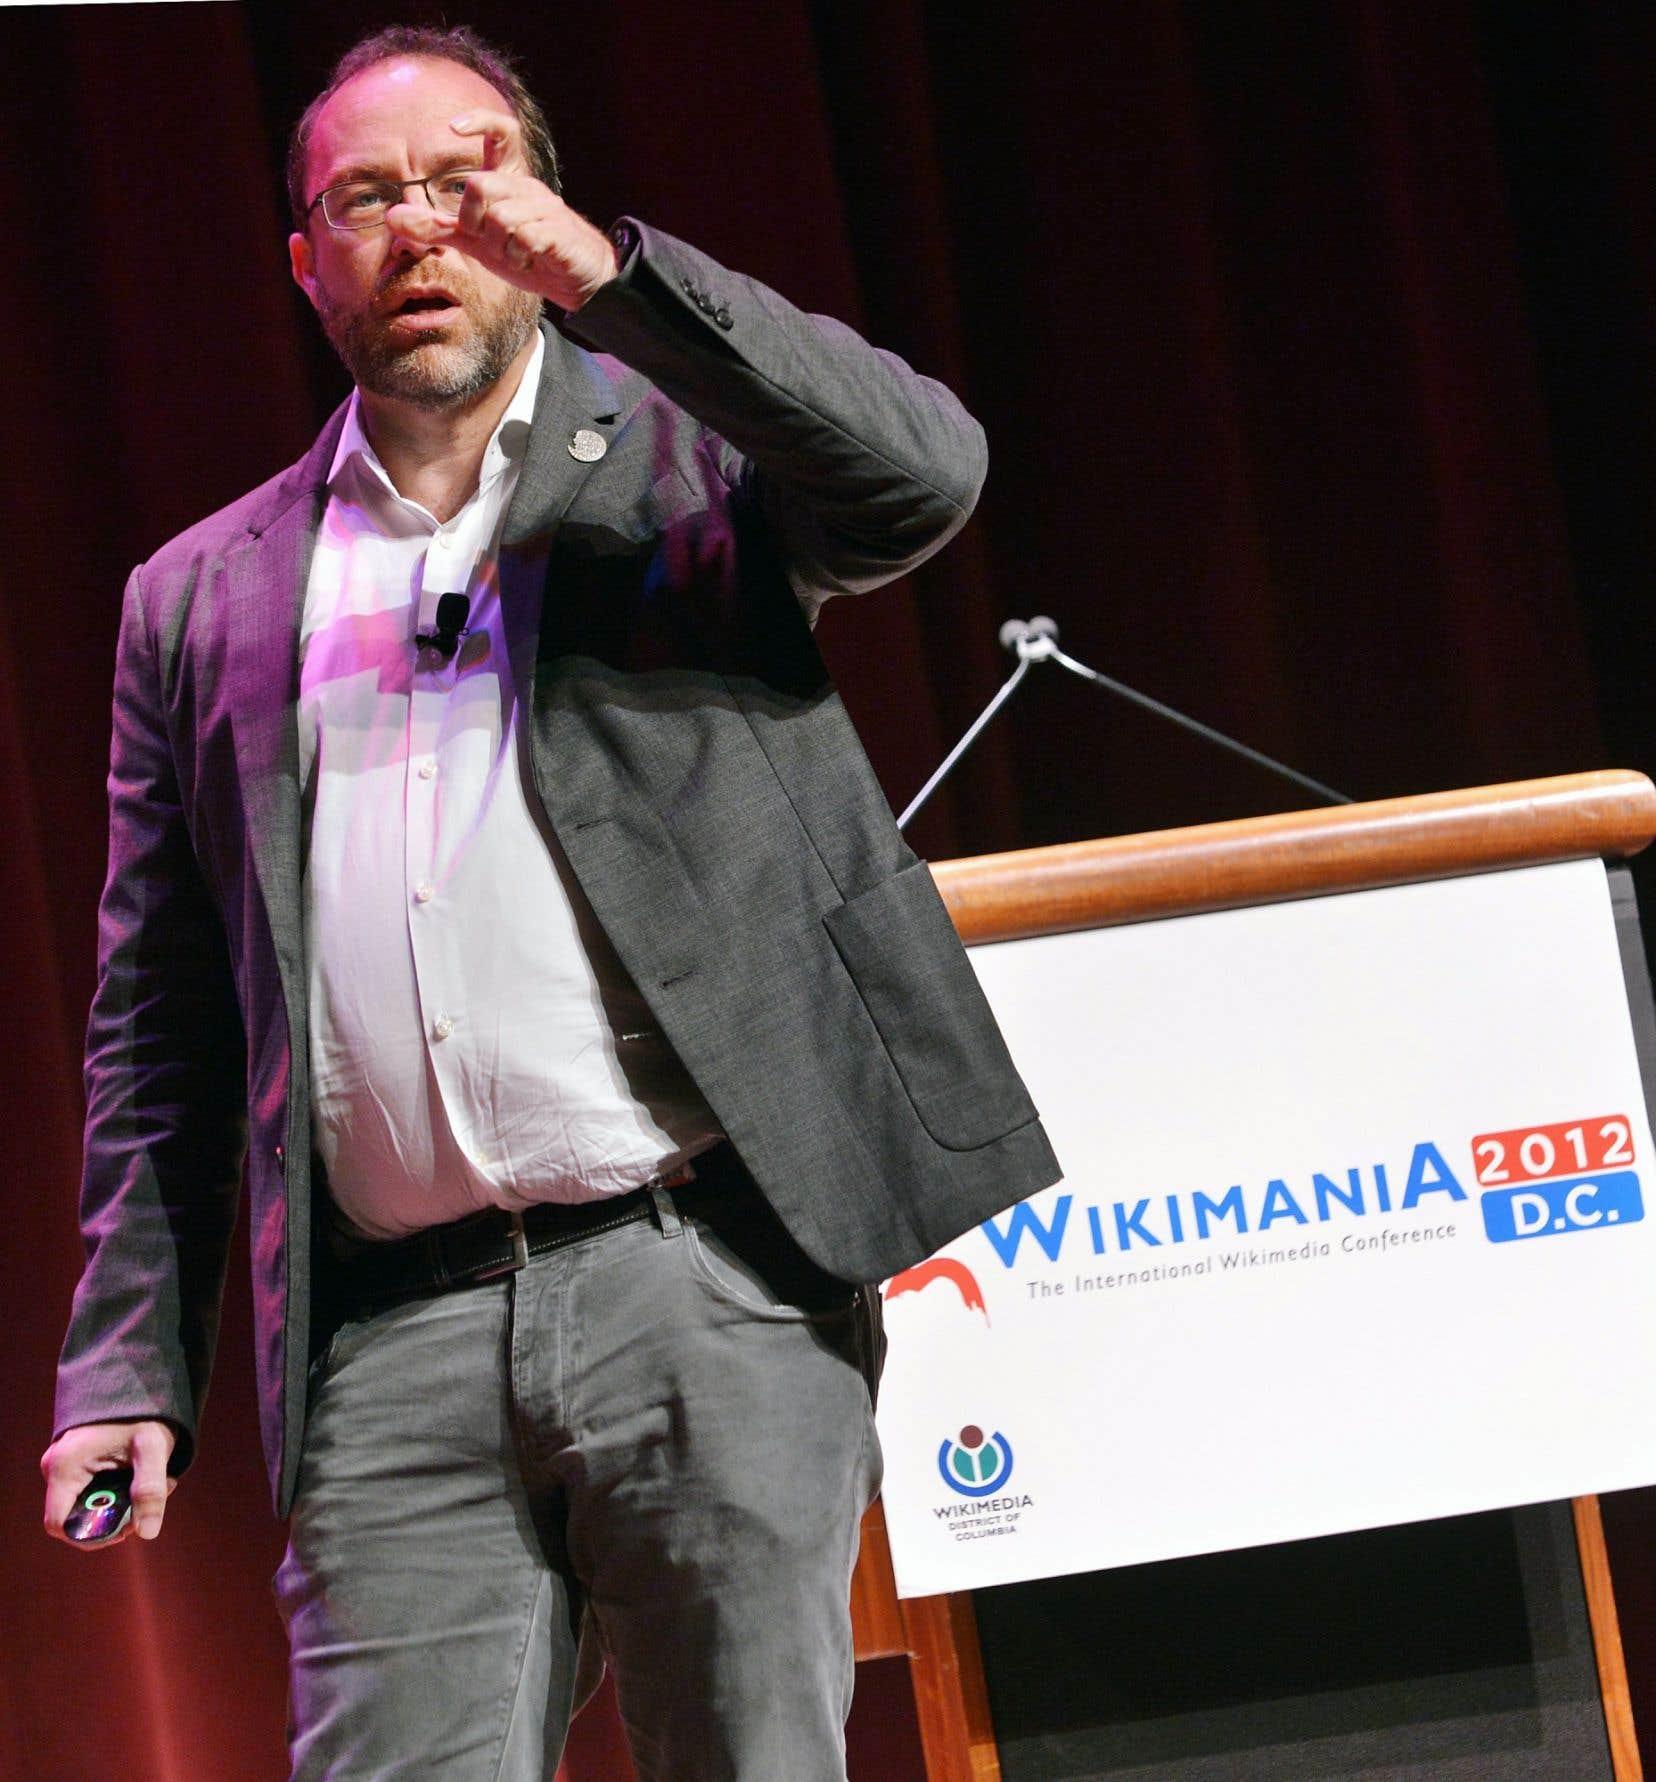 Le cofondateur de Wikipédia, Jimmy Wales, lors du Wikimania de 2012. Wikipédia reste dirigée par une petite association à but non lucratif qui emploie 200 personnes.